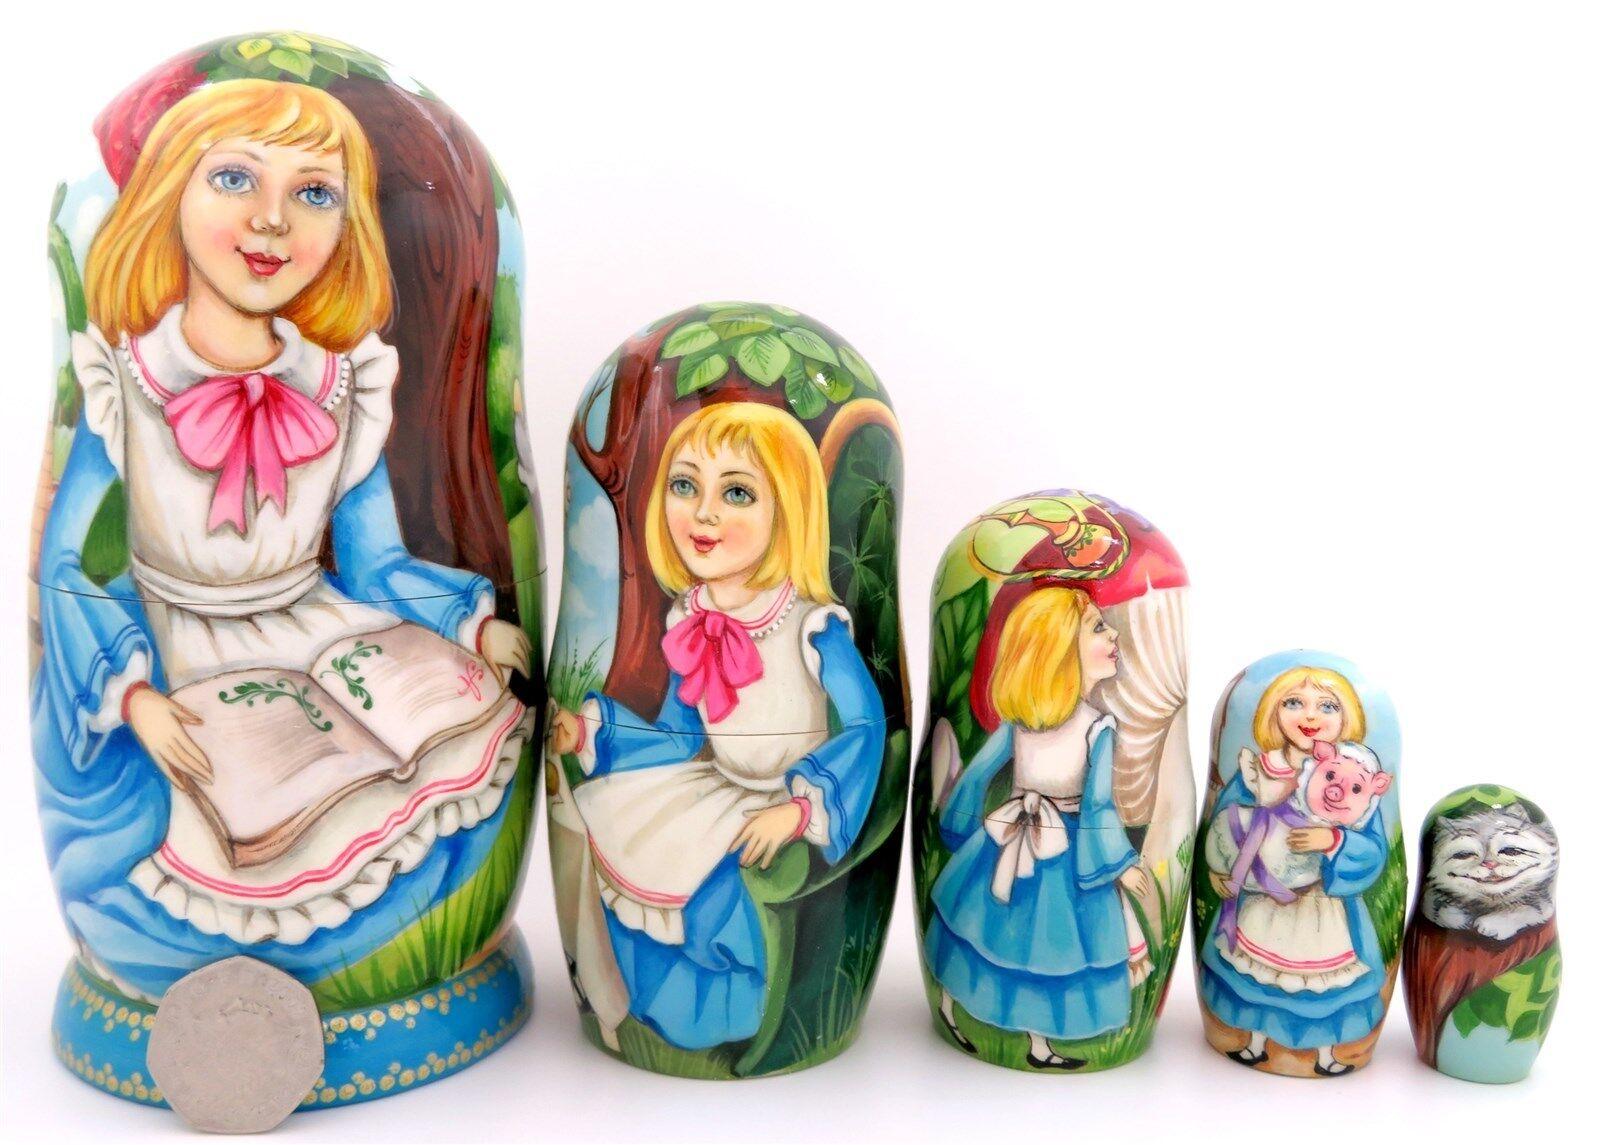 Bambole Russe a matrioska MATRIOSCA Alice nel paese delle meraviglie 5 Cappellaio Matto Bianconiglio